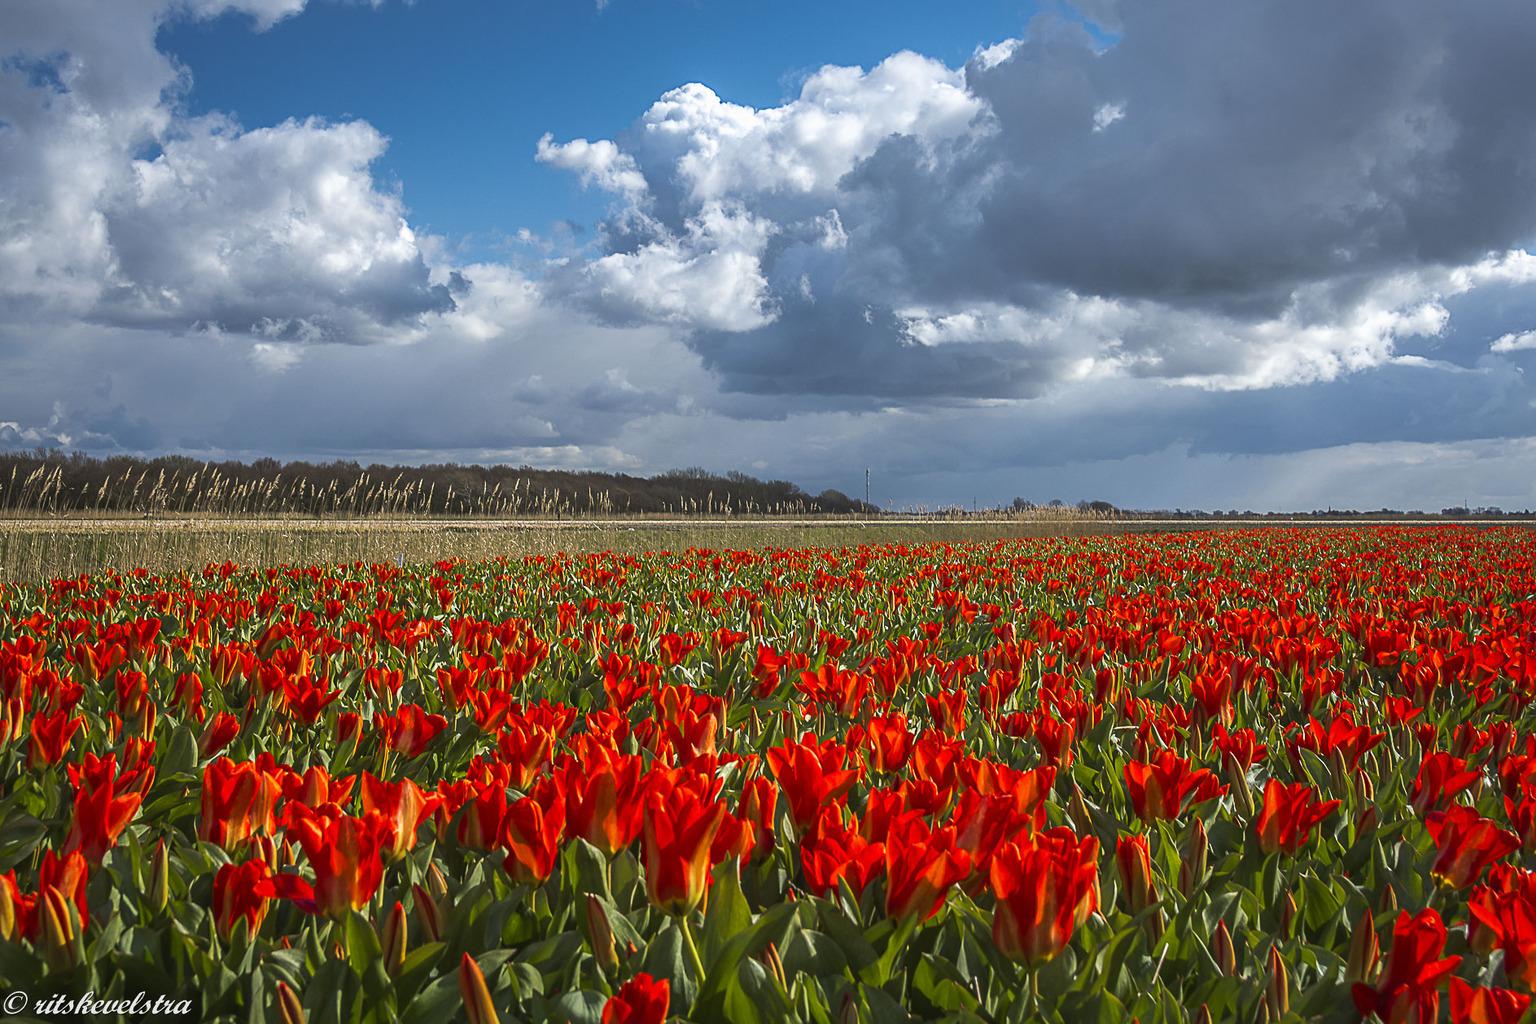 Ze zijn er weer - Mooi heldere luchten met wolken en dan de tulpen ervoor. - foto door rits op 16-04-2021 - locatie: Heiloo, Nederland - deze foto bevat: tulpen, wolken, heiloo, voorjaar, bloem, wolk, lucht, fabriek, ecoregio, bloemblaadje, natuur, natuurlijk landschap, natuurlijke omgeving, vegetatie